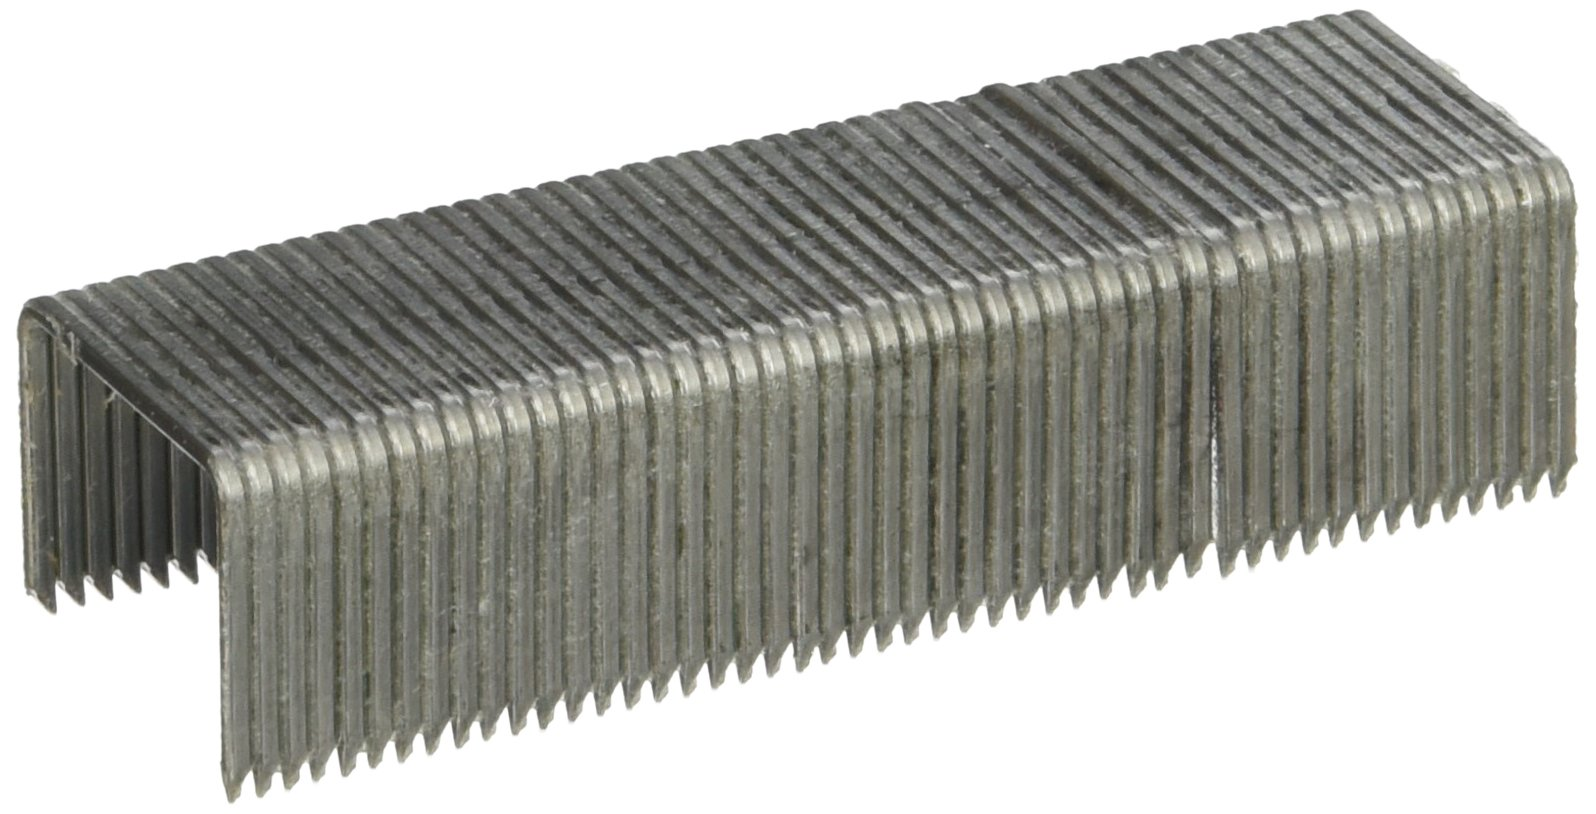 Arrow Fastener 65SIP Genuine HT65 3/4-Inch Staples, 2,496-Pack